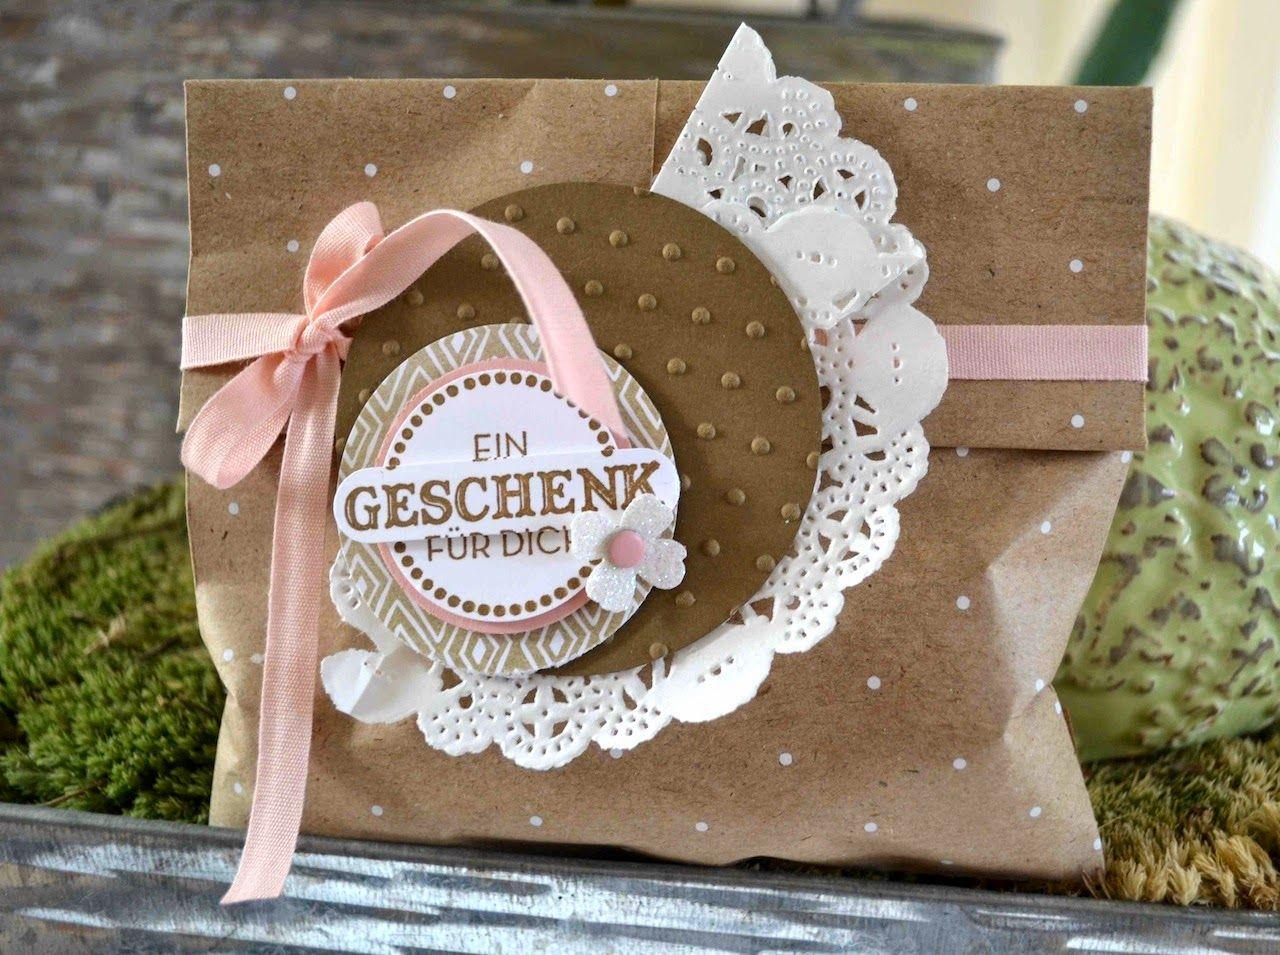 verpackungsideen f r geschenke geschenke verpacken 70 fantastische ideen kleine. Black Bedroom Furniture Sets. Home Design Ideas